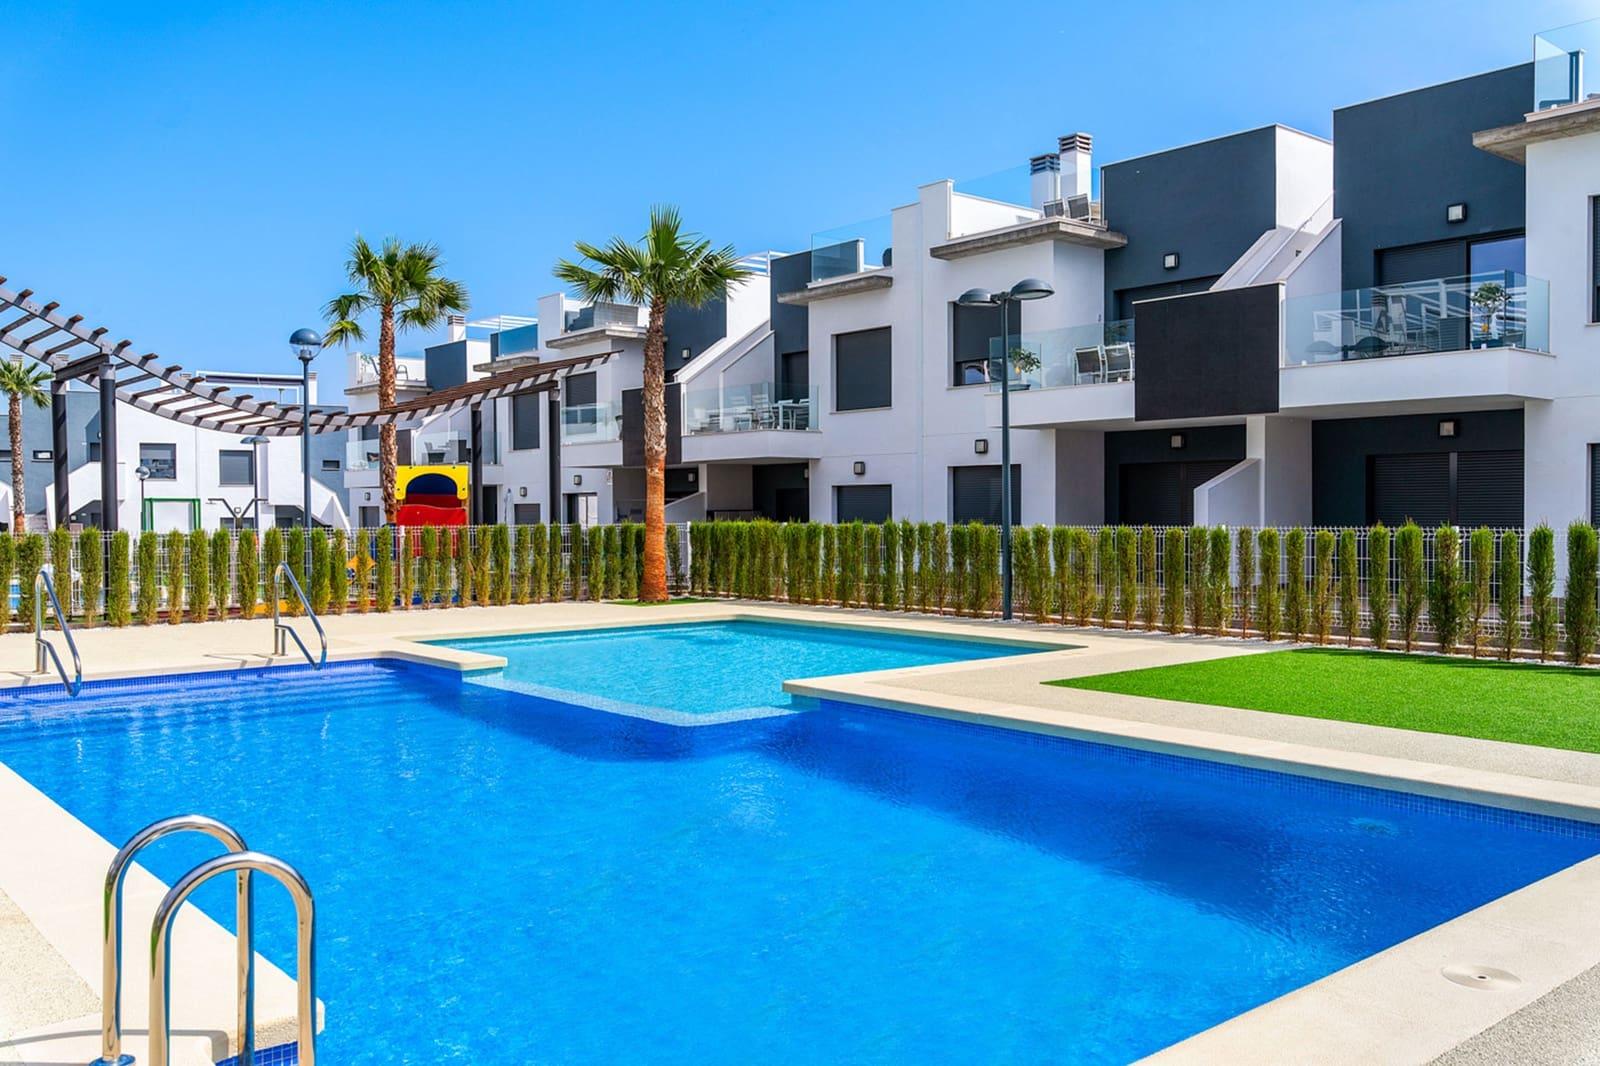 Apartamento de 2 habitaciones en Pilar de la Horadada en venta con piscina - 189.900 € (Ref: 4824401)